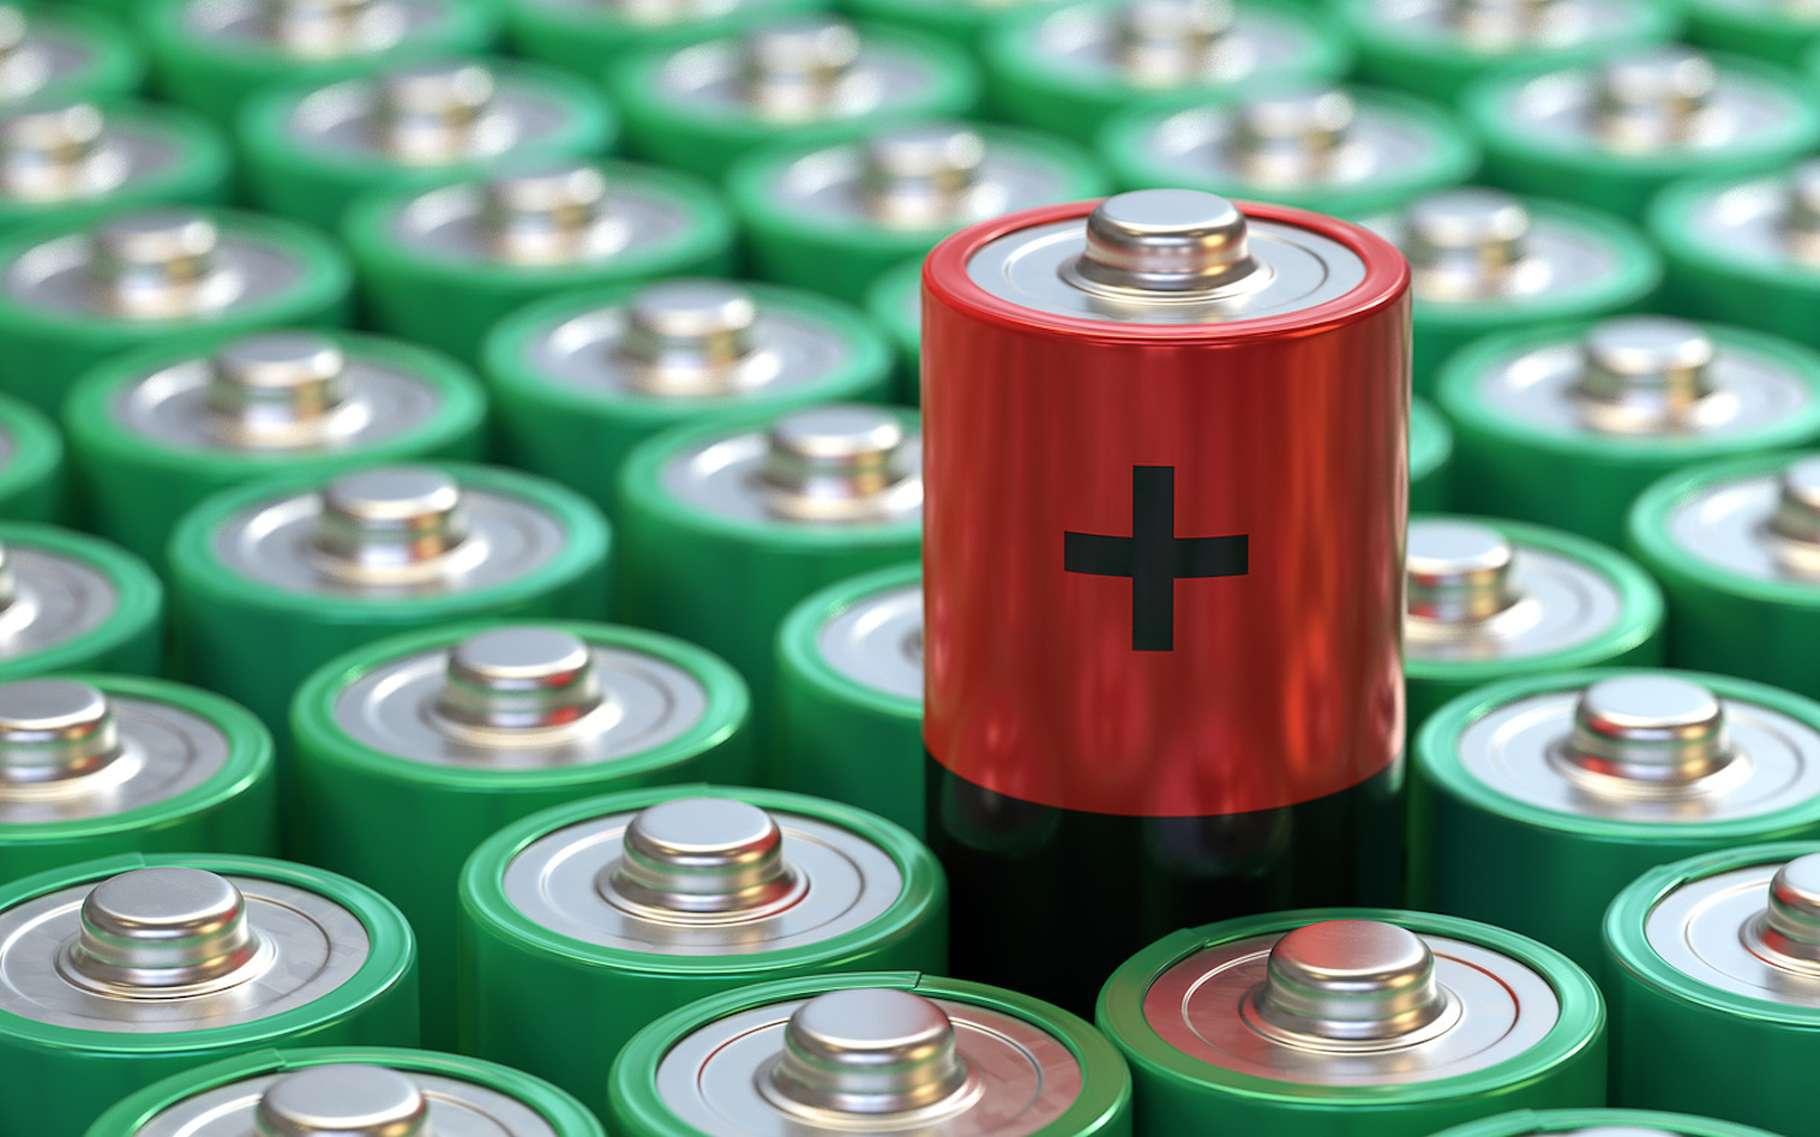 La pile électrique a été inventée par le physicien italien Alessandro Volta en 1800. Aujourd'hui, plus d'un milliard de piles sont vendues chaque année en France. © Shuo, Fotolia